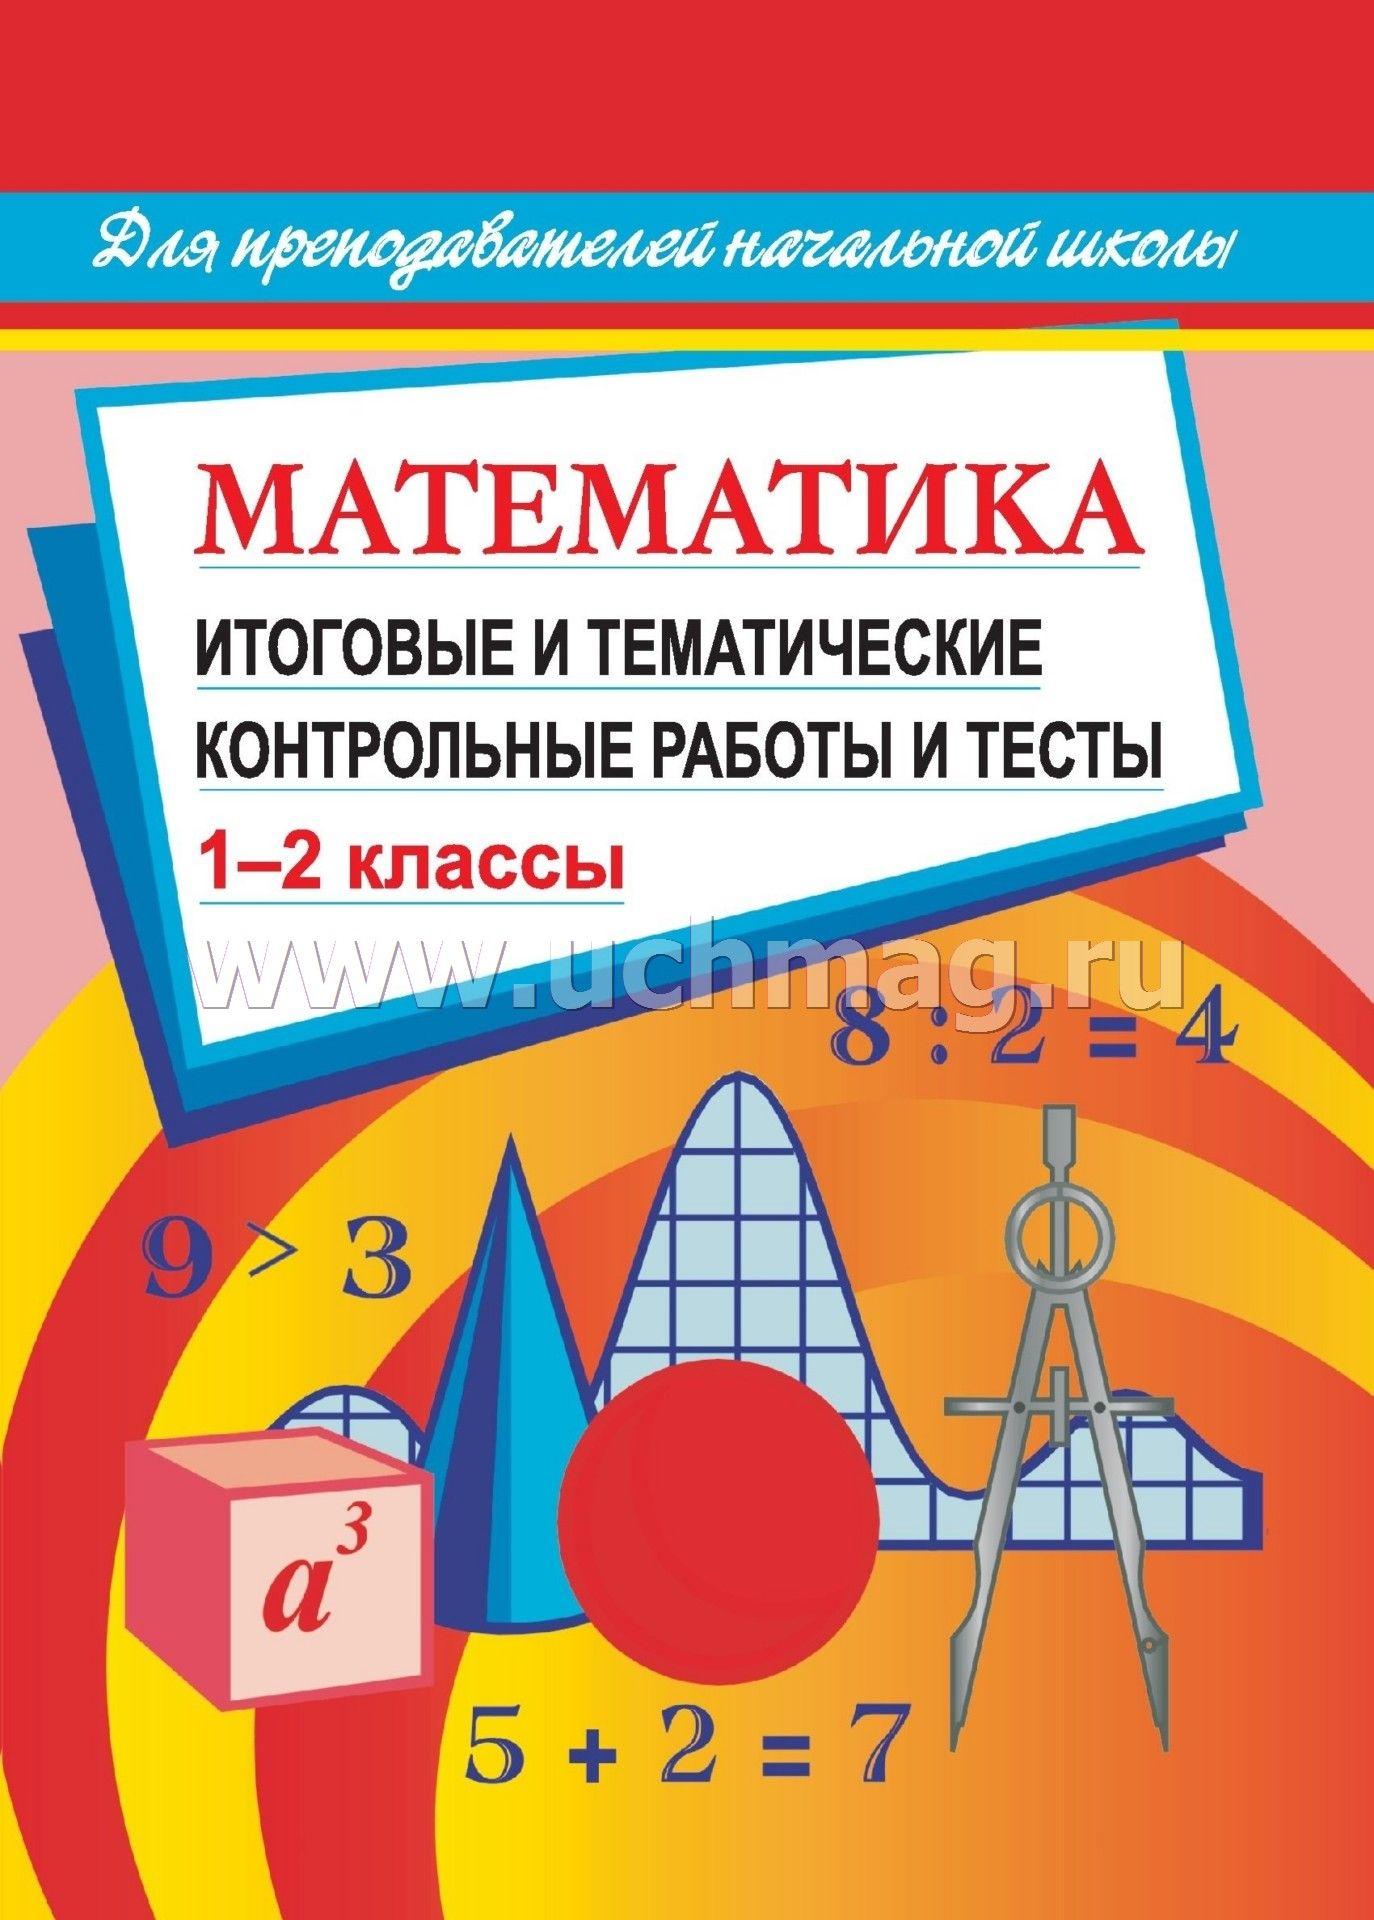 Математика Итоговые и тематические контрольные работы и тесты  Математика Итоговые и тематические контрольные работы и тесты 1 2 кл